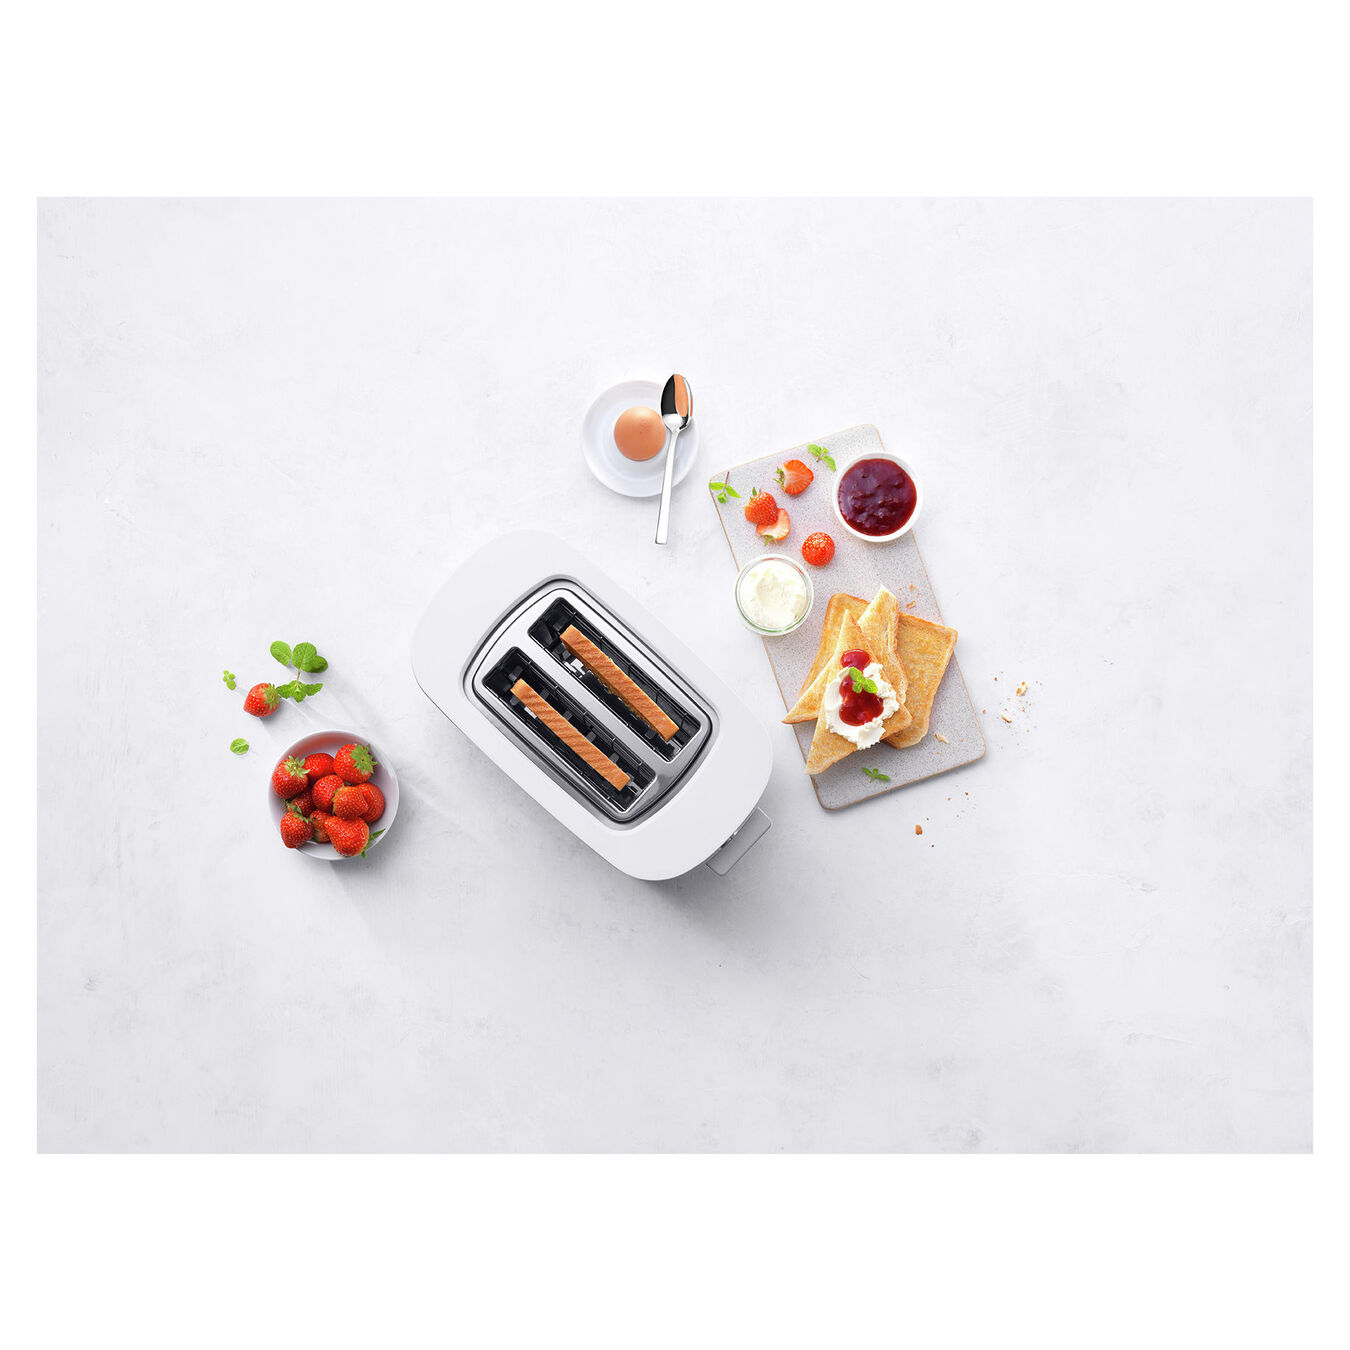 Grille pain Grille permettant de réchauffer des petits-pains, 2 fentes 2 tranches, Argent,,large 4